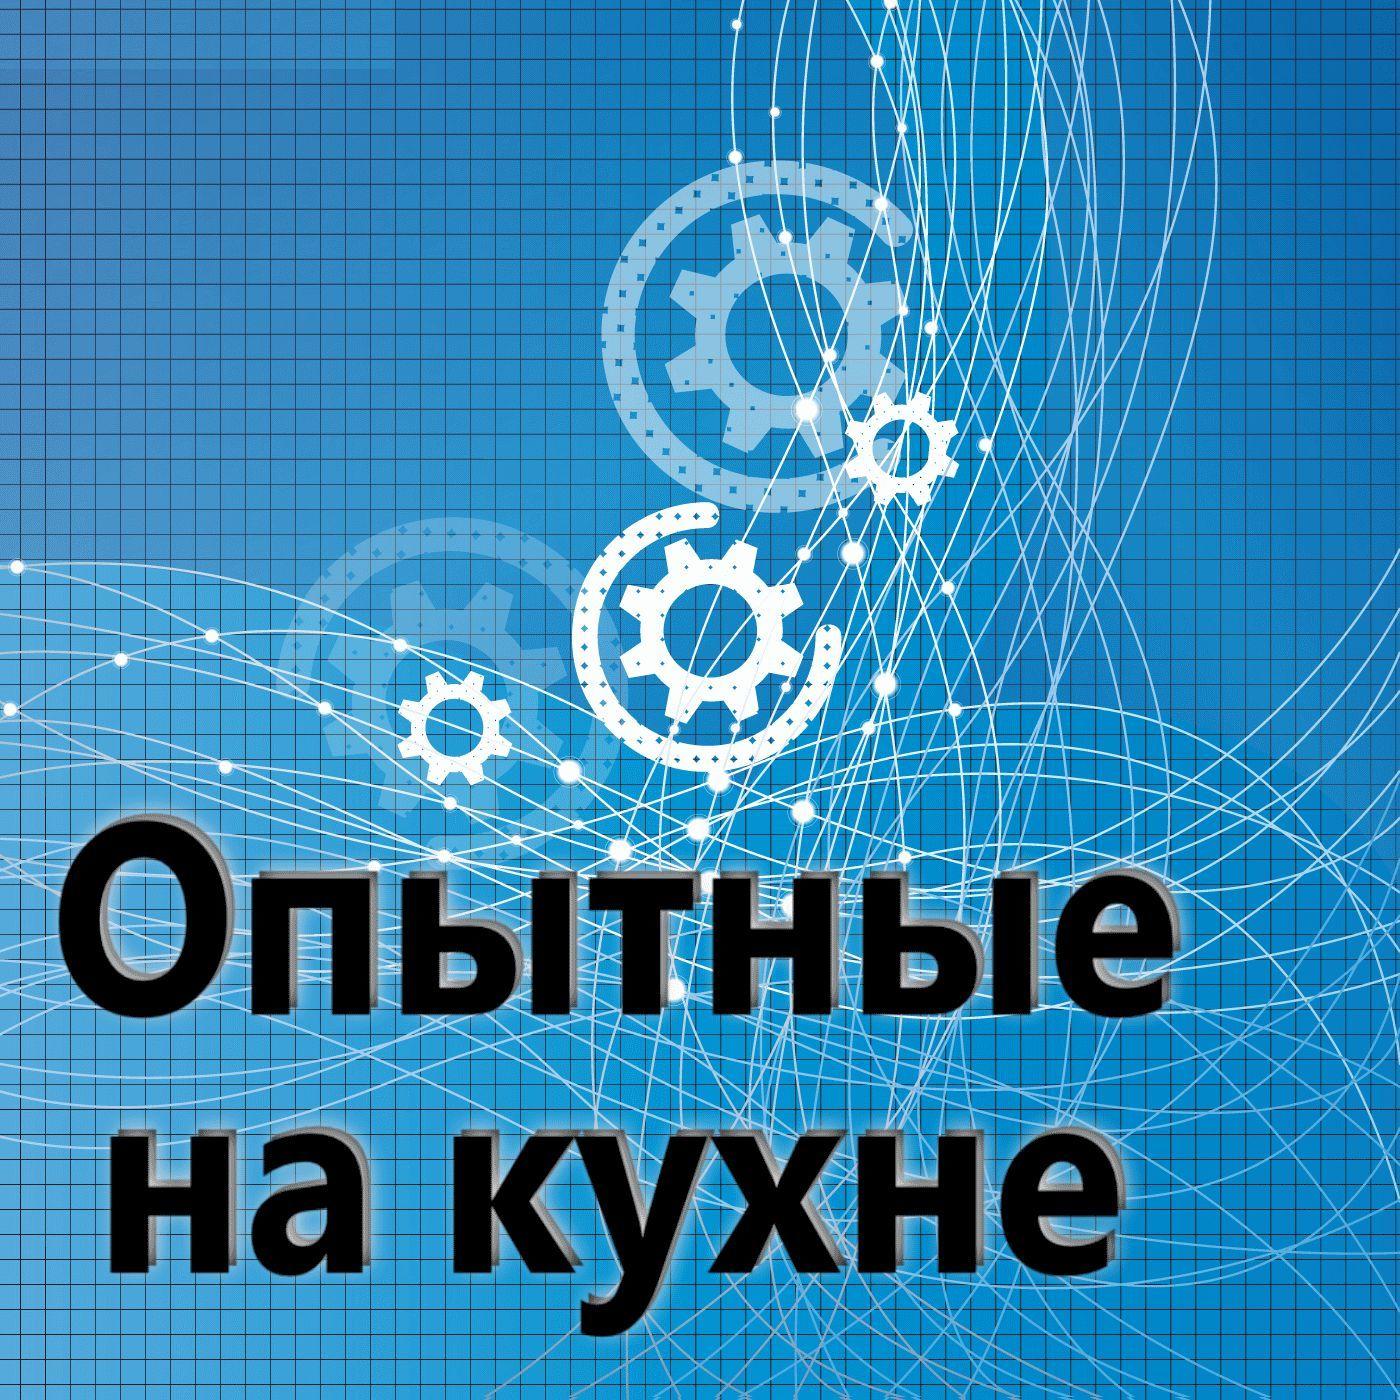 Евгений Плешивцев Опытные на кухне №065 евгений плешивцев опытные на кухне 039